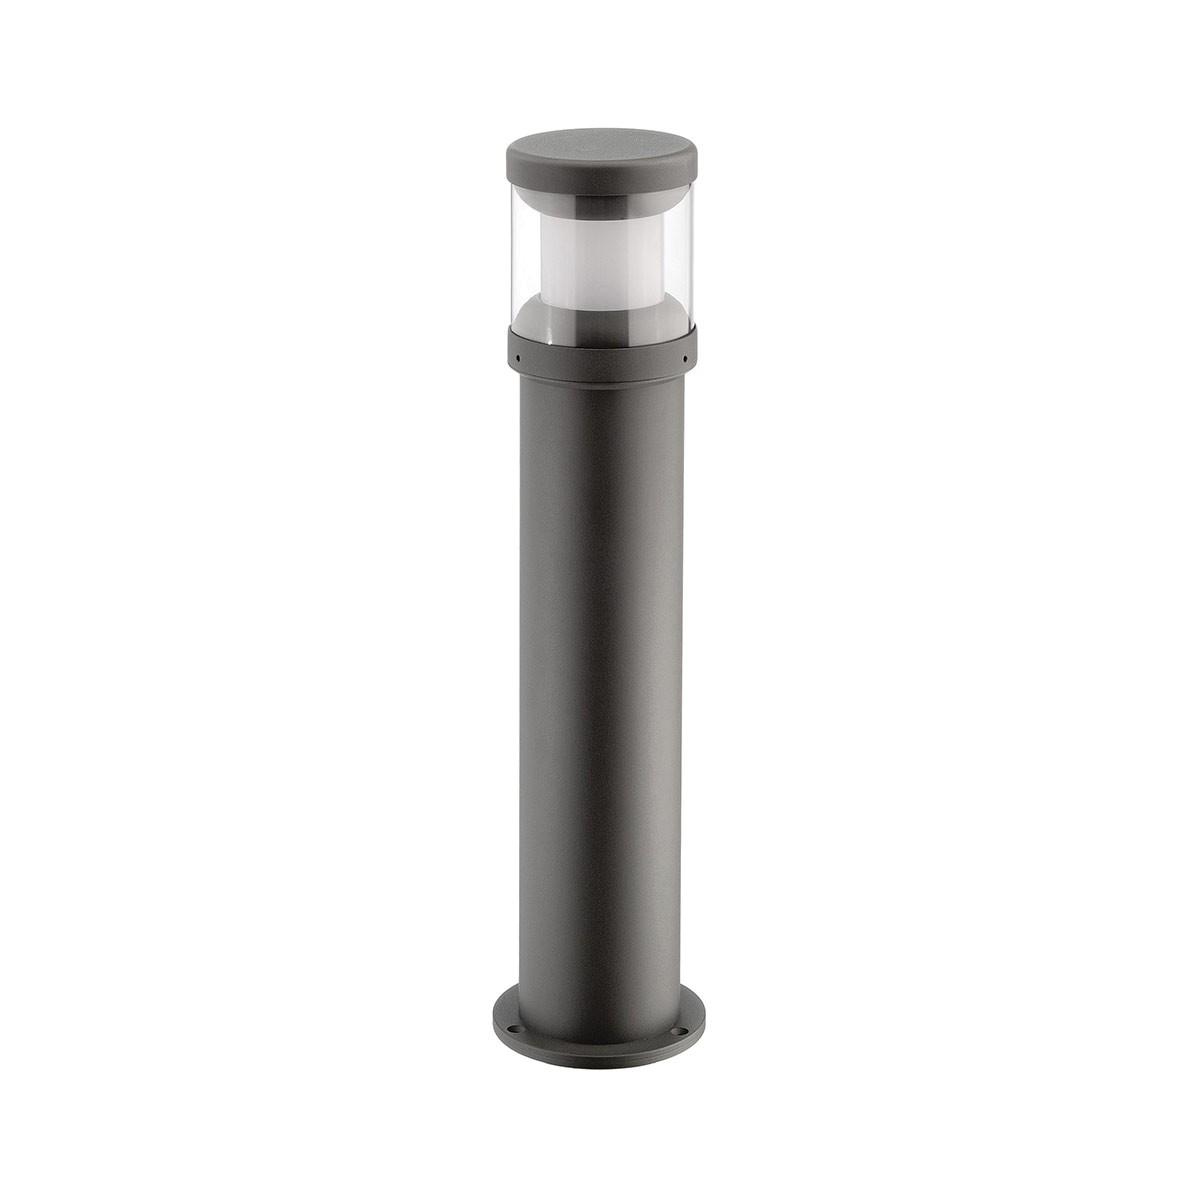 LCD Außenleuchten 1281/1291 LED Pollerleuchte, graphit